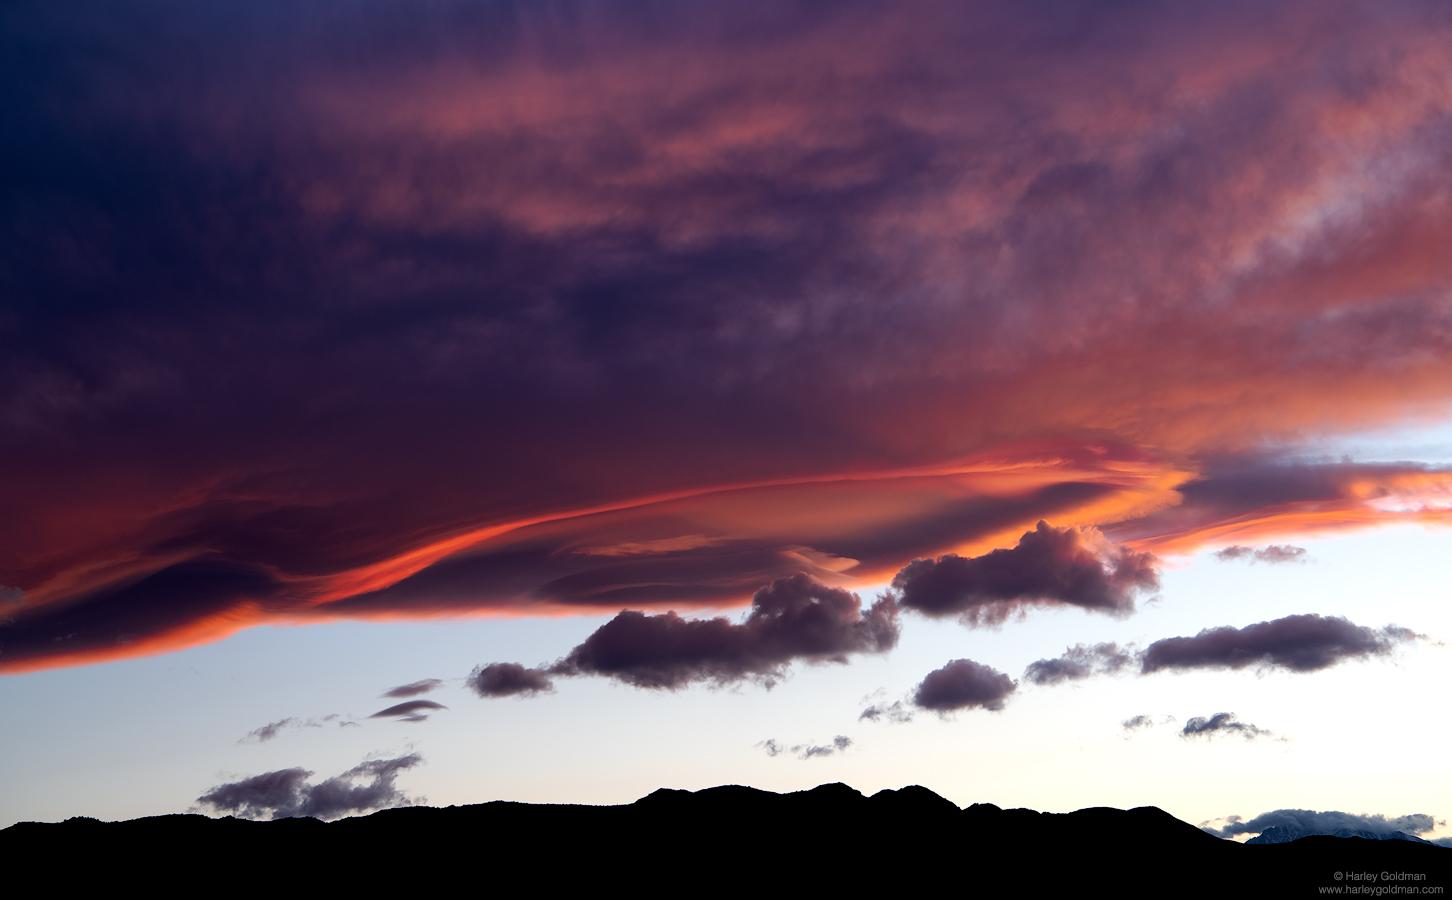 death valley, desert, cloud, lenticular, mountain, sunset, evening